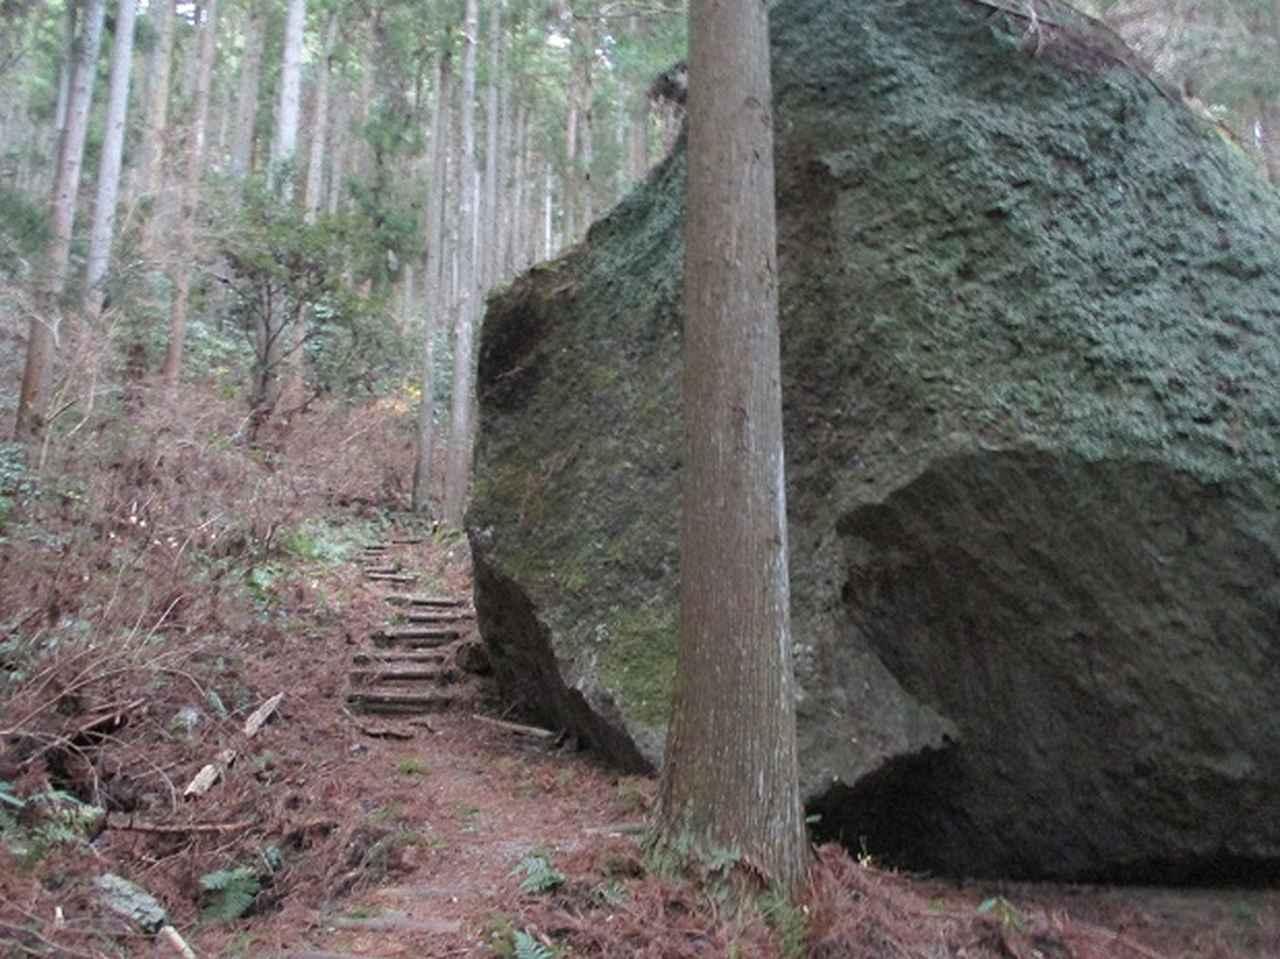 画像3: 【山旅会・登山ガイドこだわりツアー】岡田ガイドからの便り・石谷山(びく石)ツアーの下見にいってまいりました